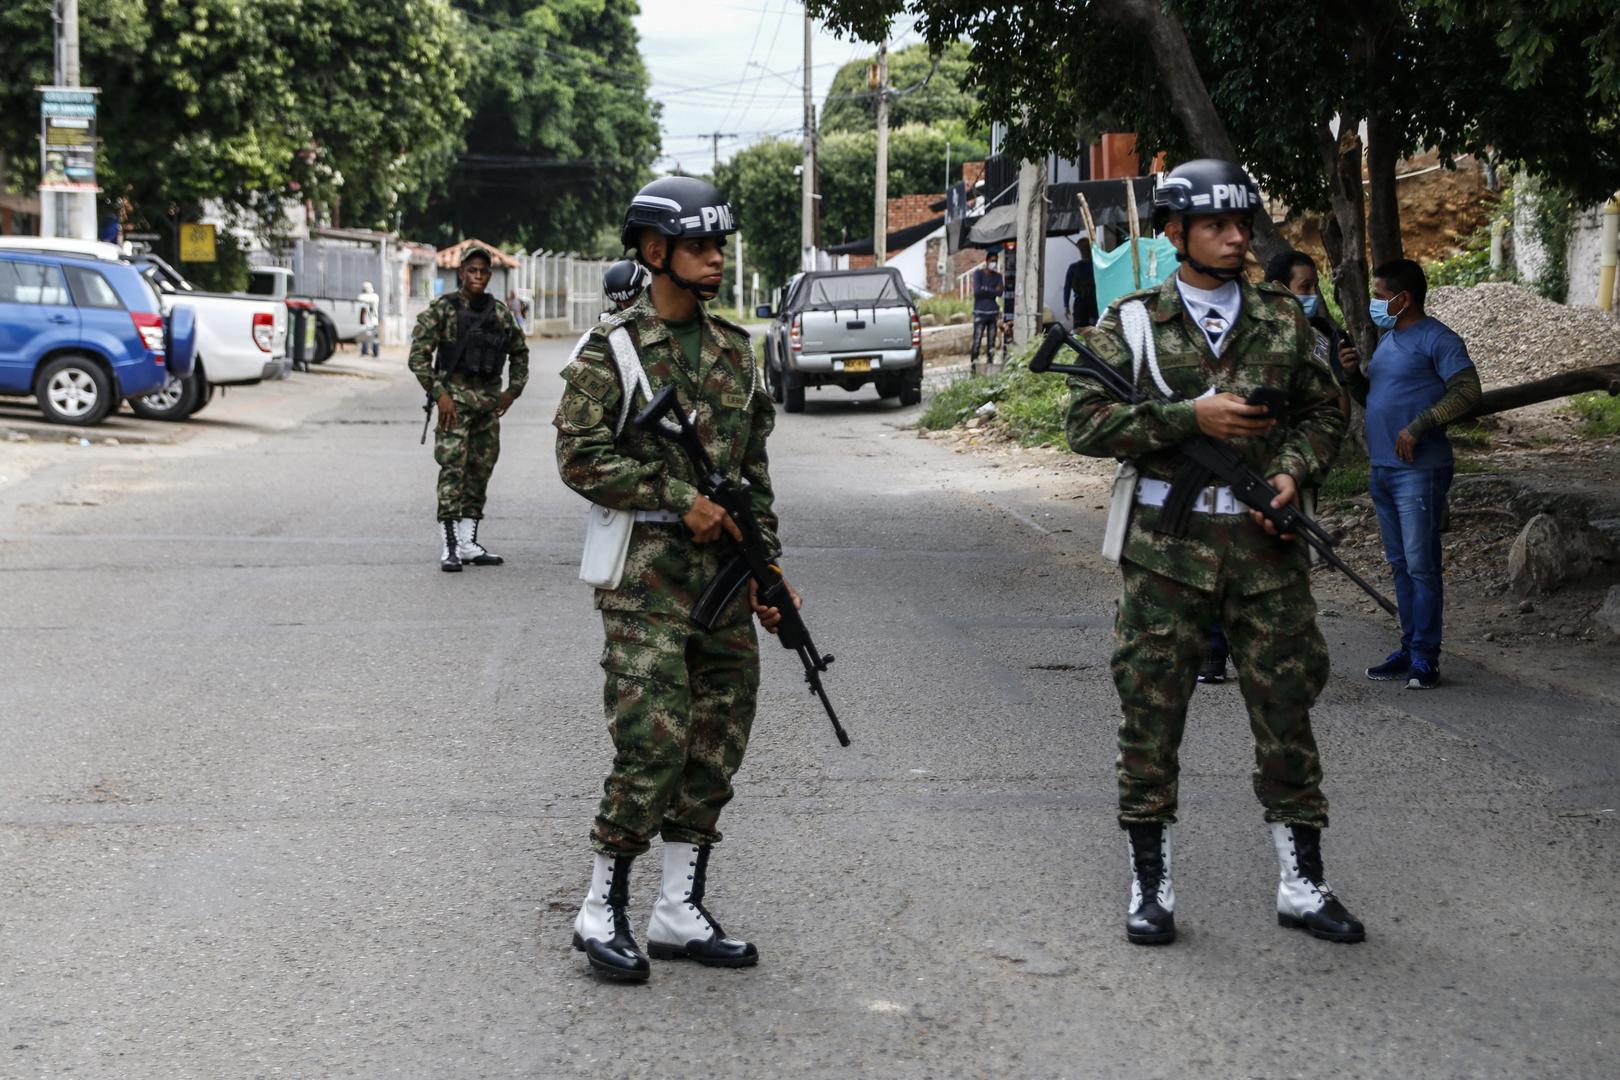 كولومبيا.. إصابة 36 شخصا في تفجير استهدف قاعدة عسكرية